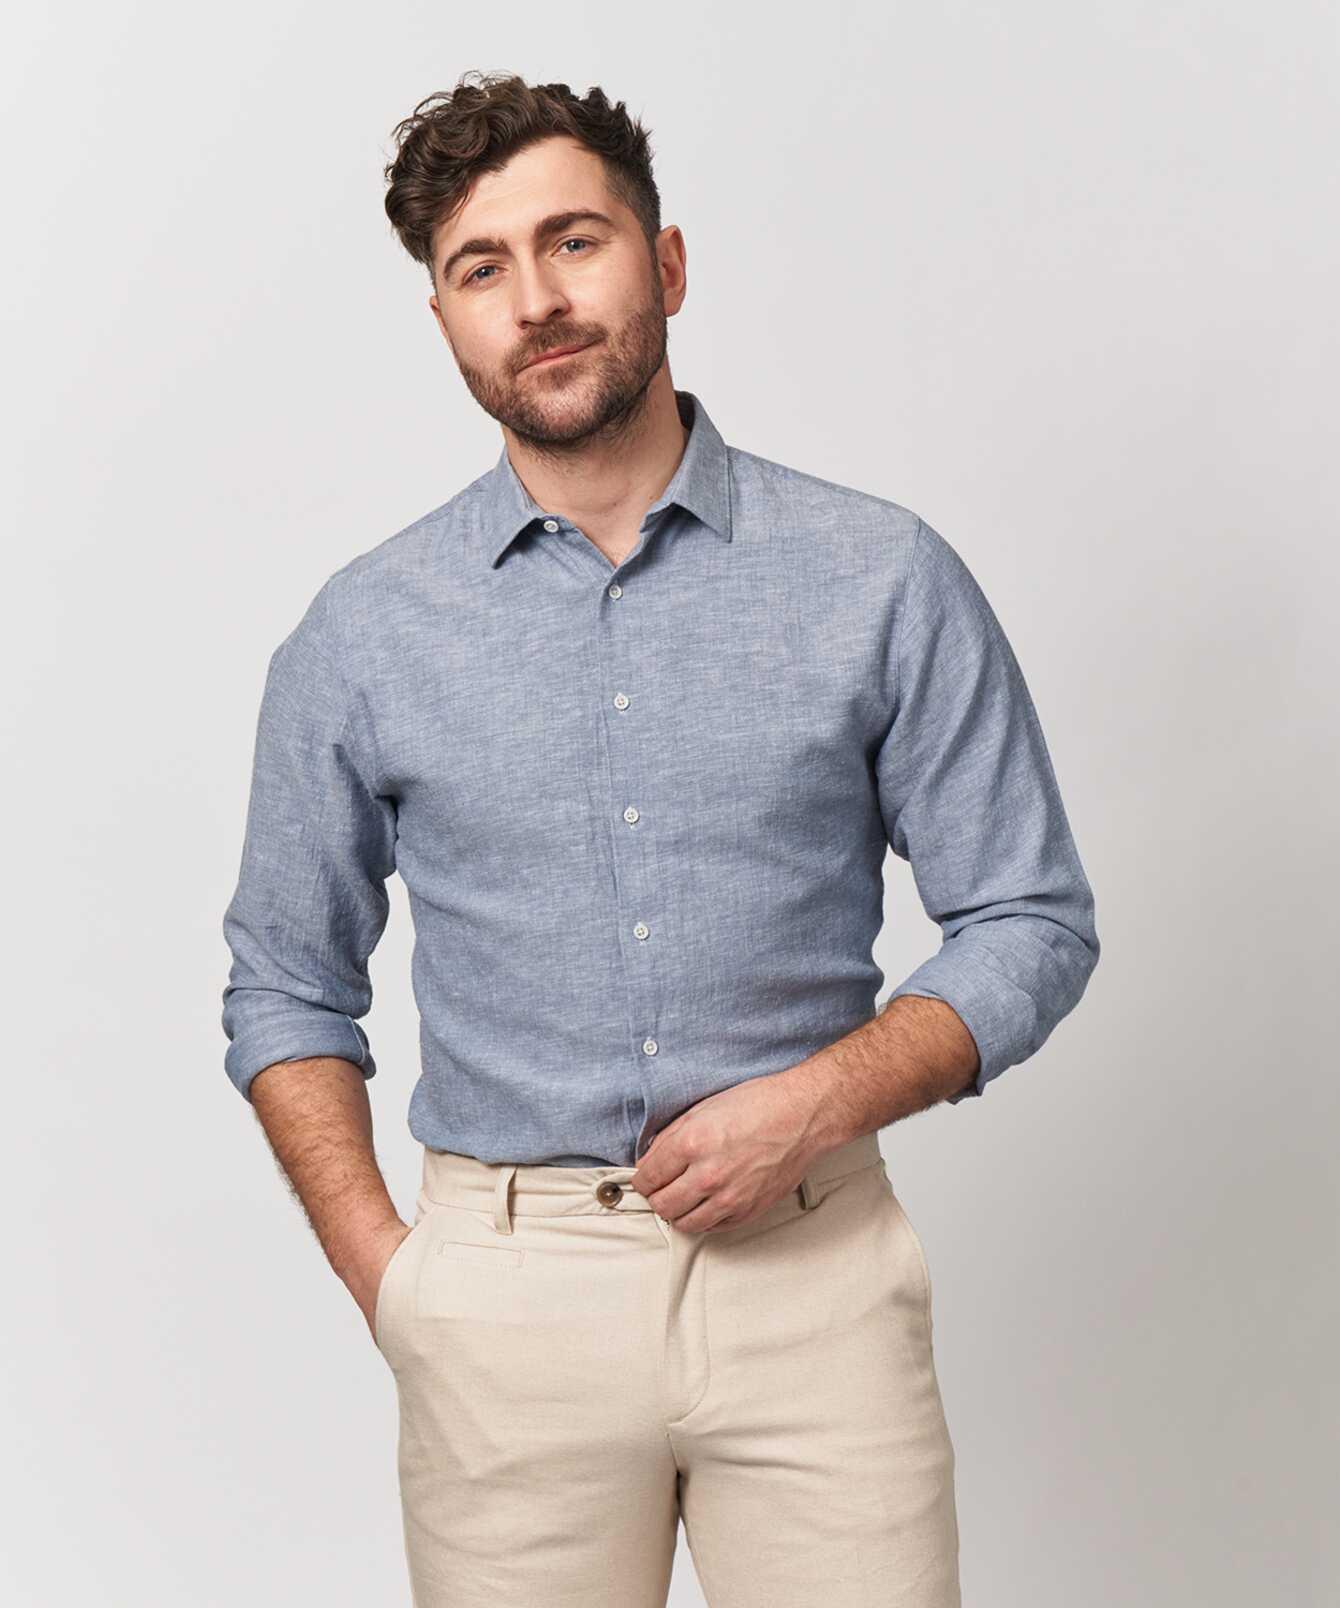 Skjorta Webster Blå The Shirt Factory